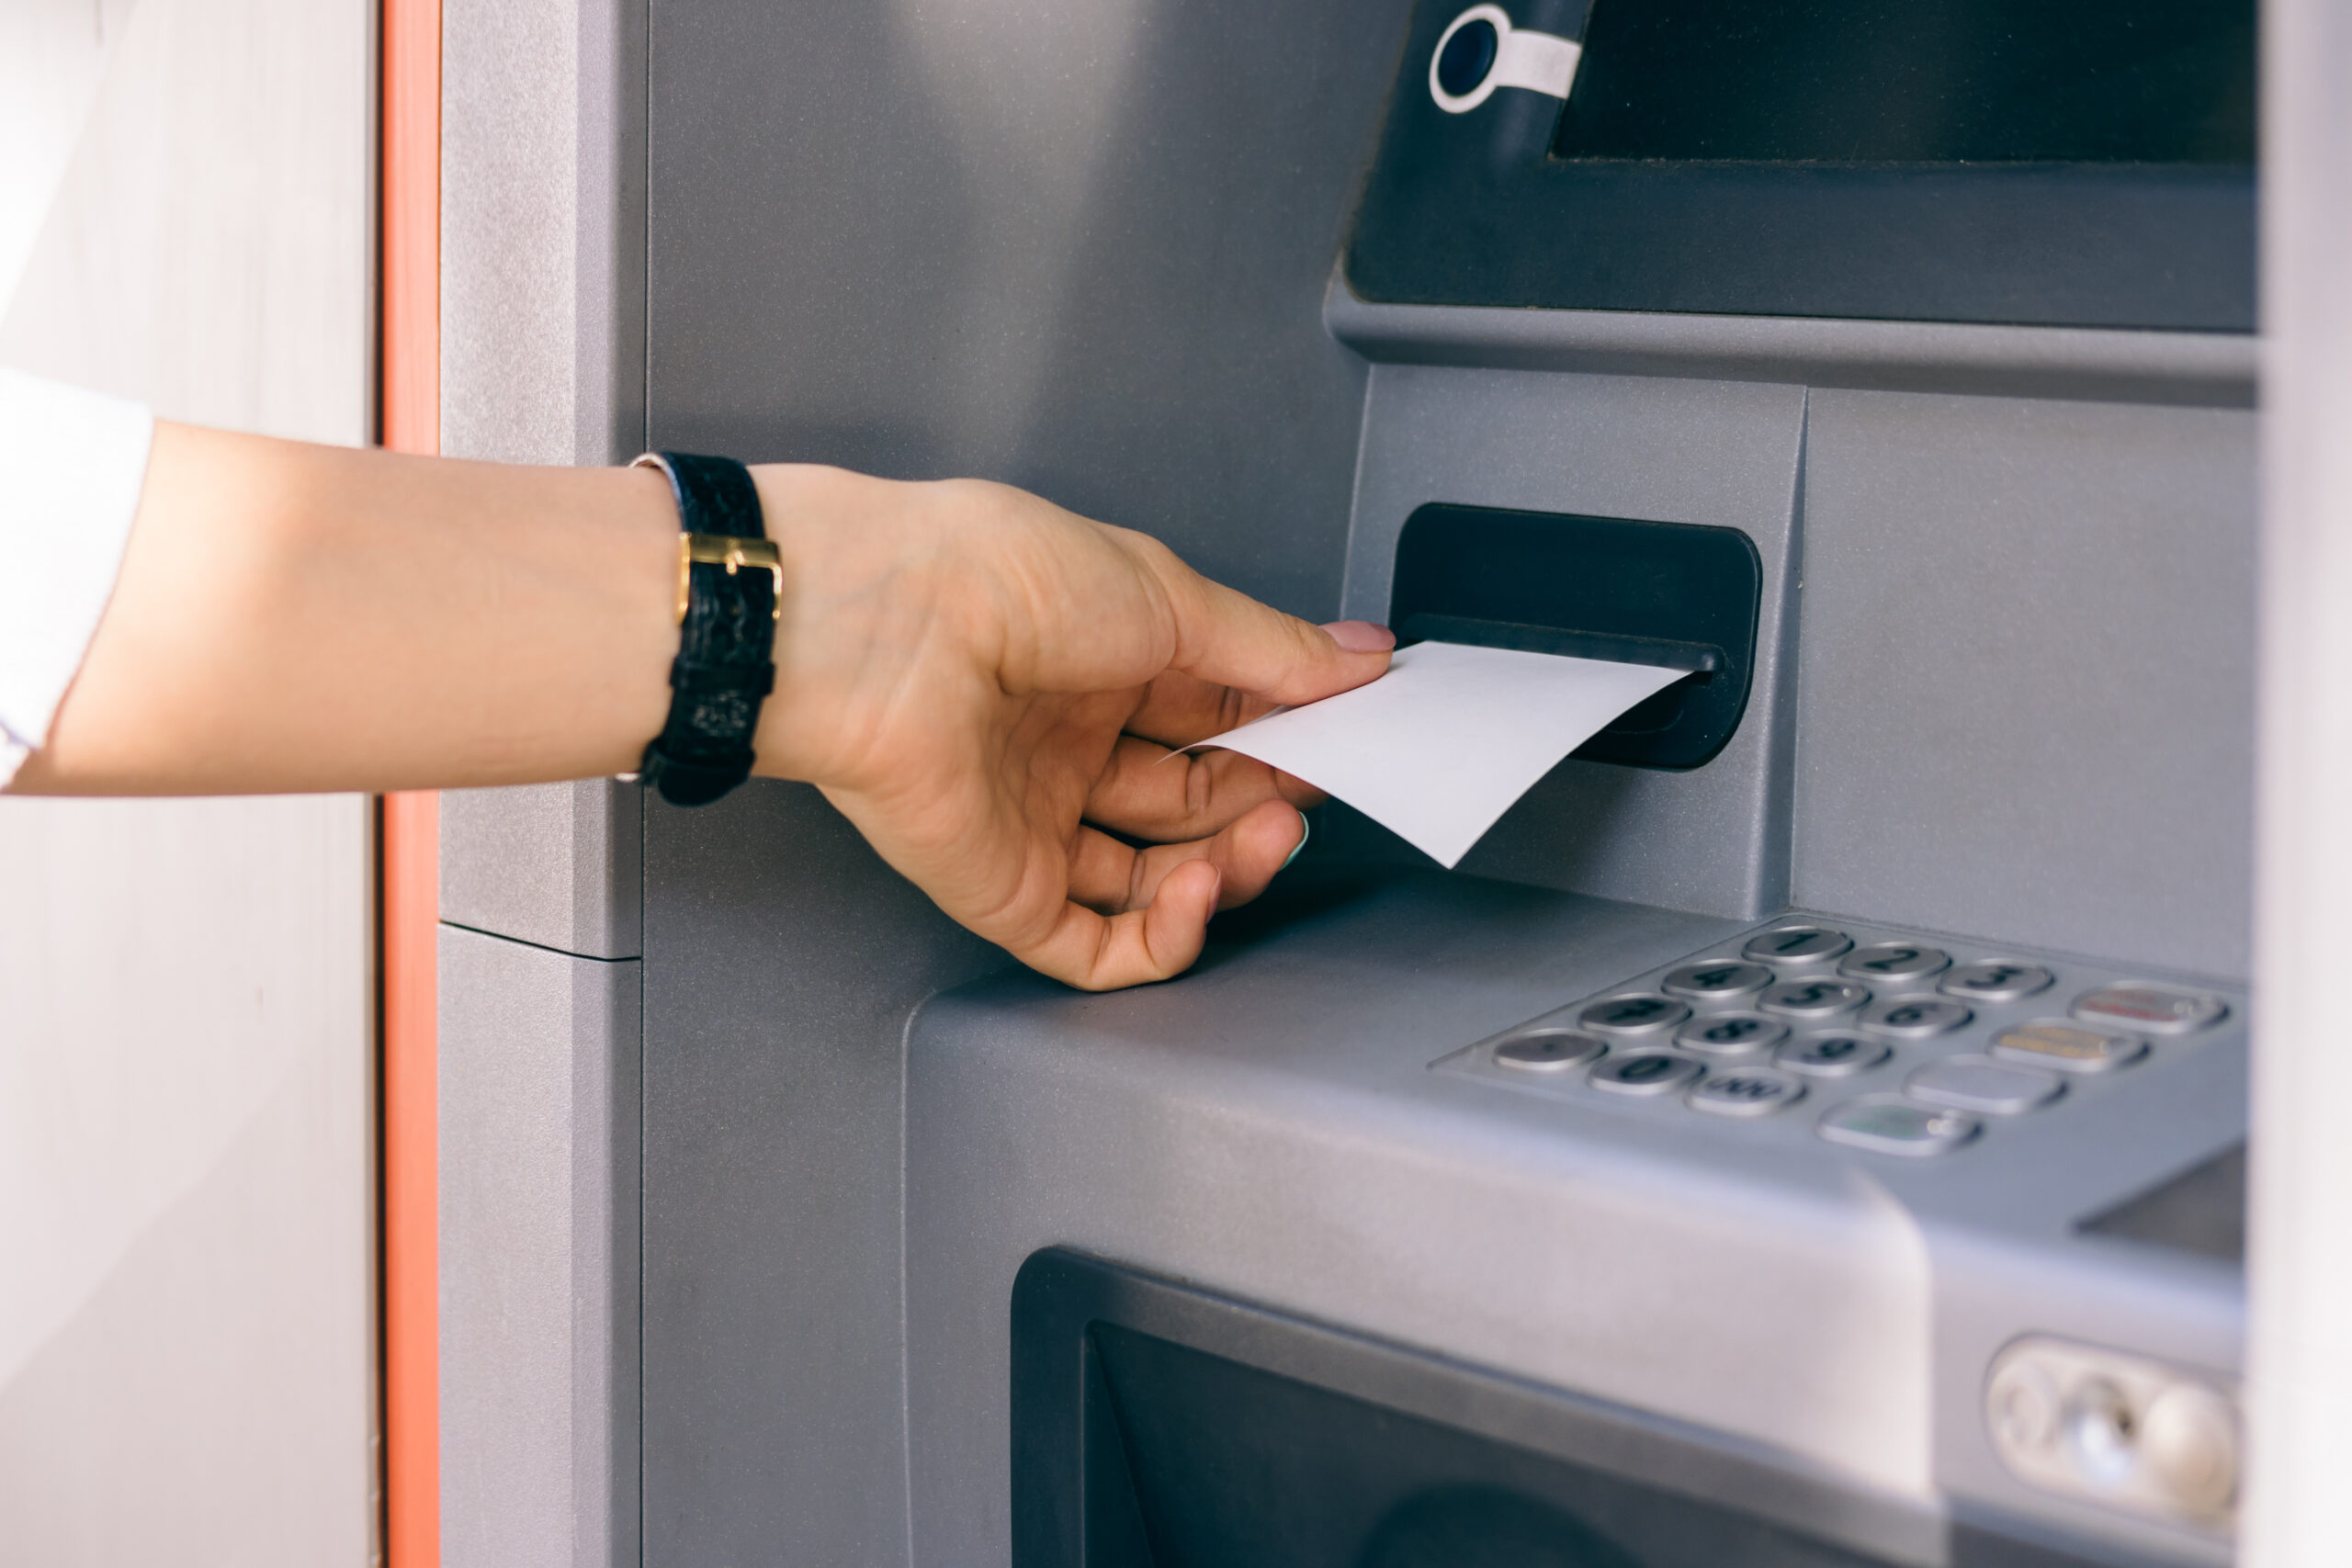 Person obtaining ATM receipt